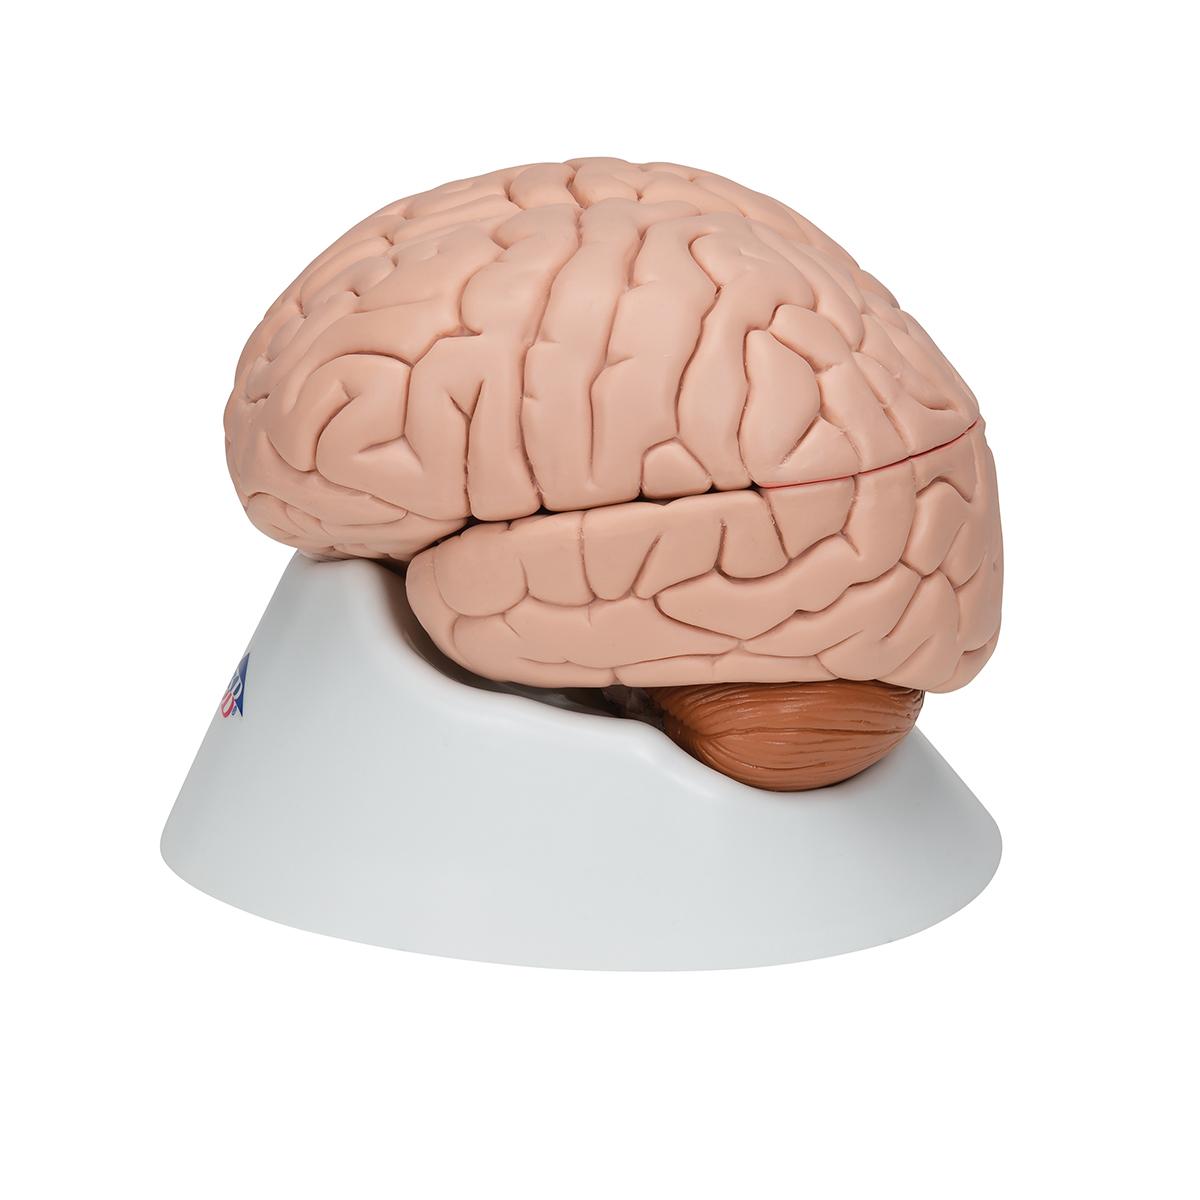 Gemütlich Virtuelle Anatomie Des Gehirns Ideen - Anatomie Von ...